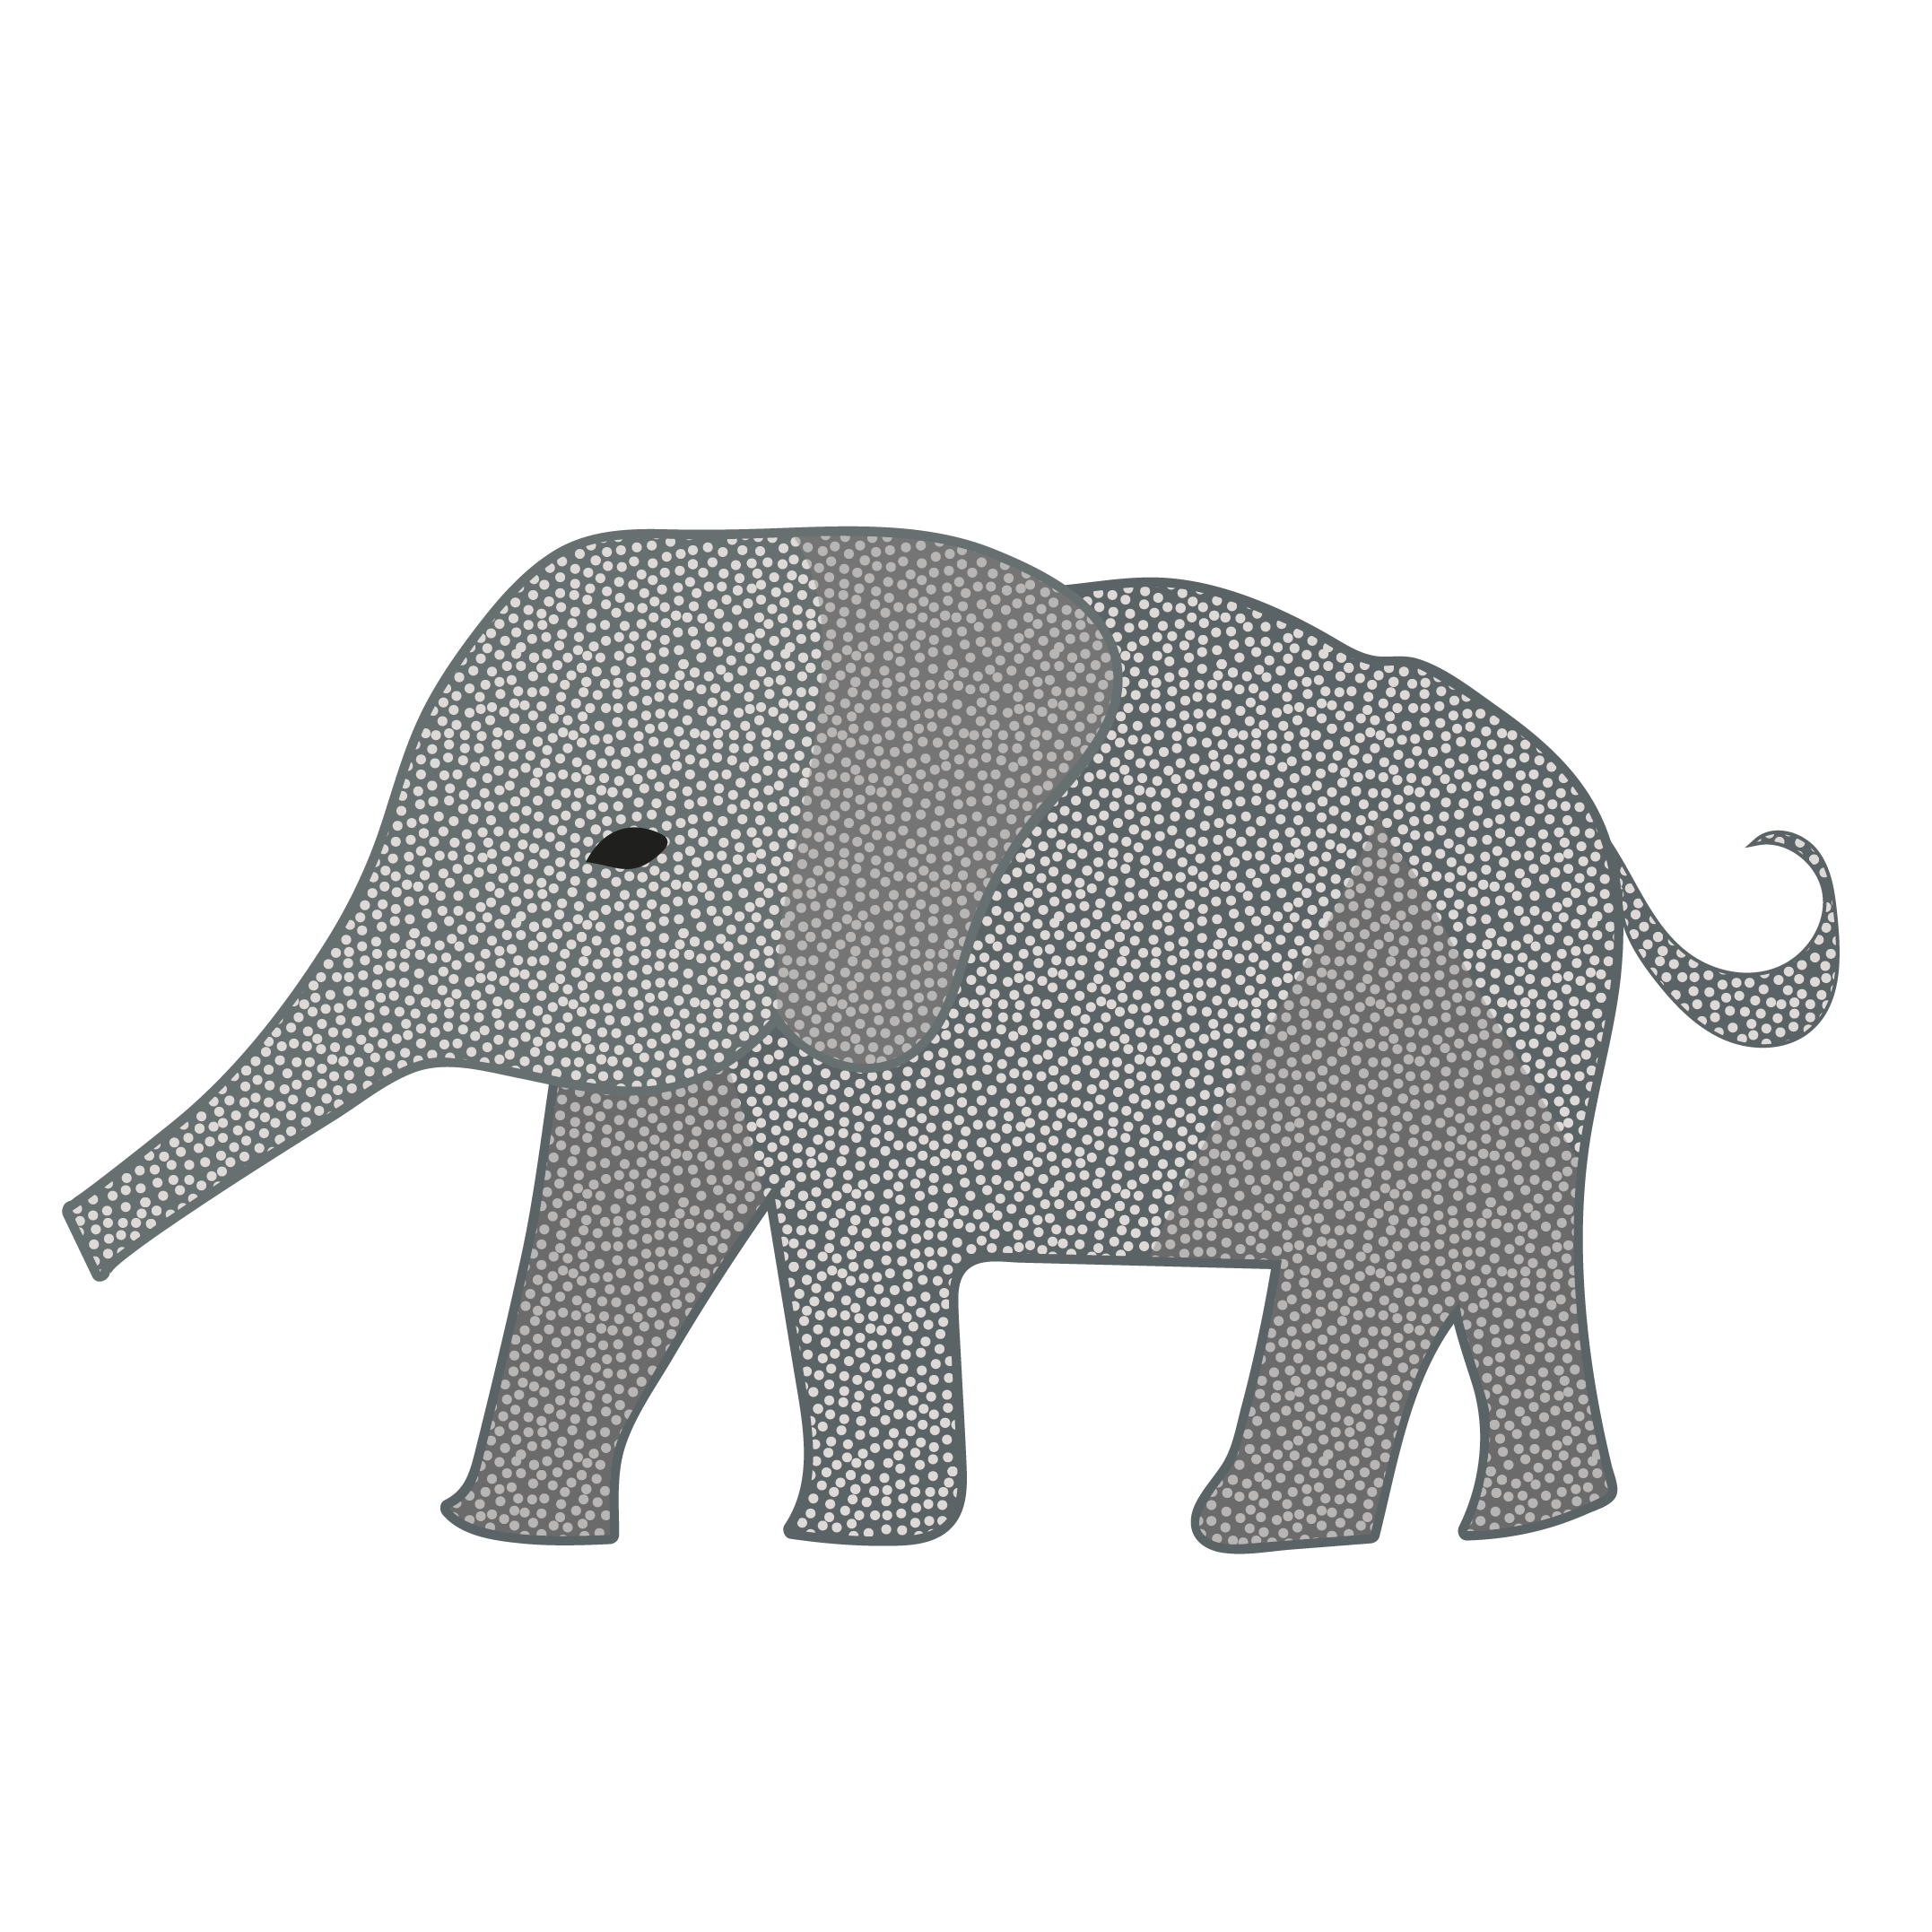 おしゃれな象(ゾウ)のイラスト【動物】 | 商用フリー(無料)の